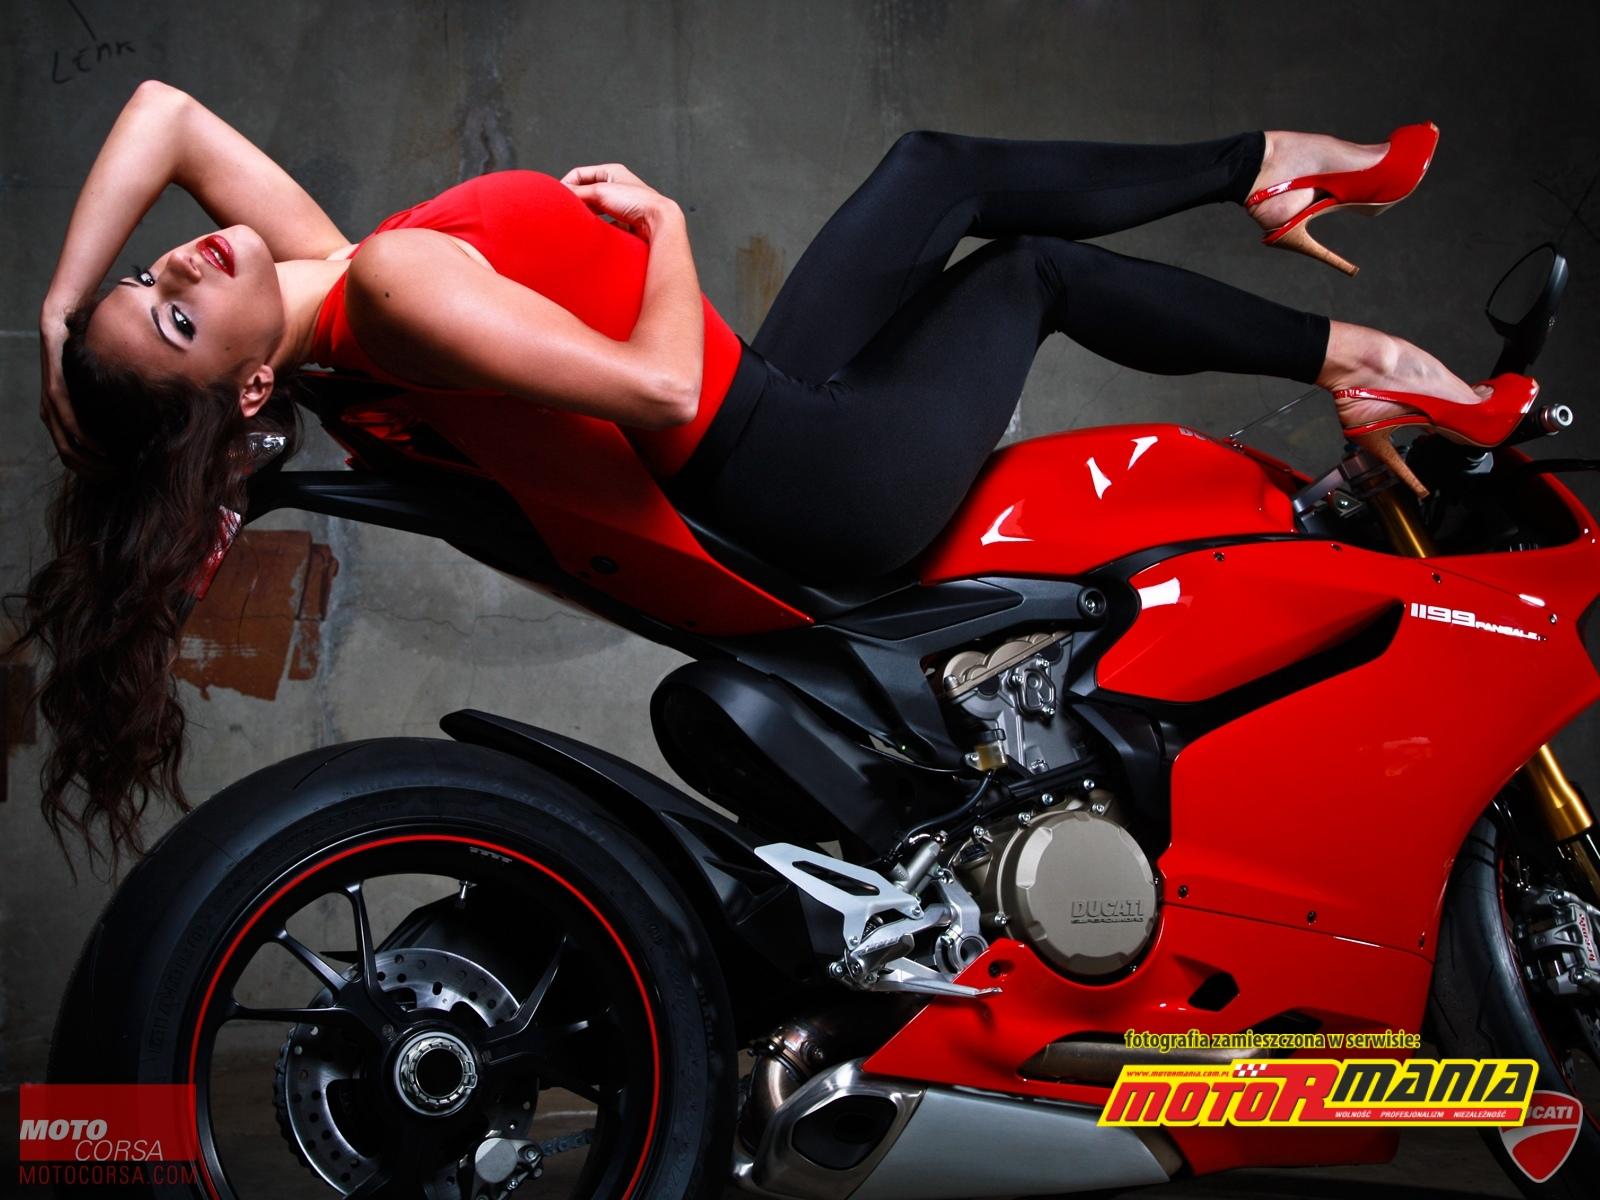 Modelka na Ducati Panigale